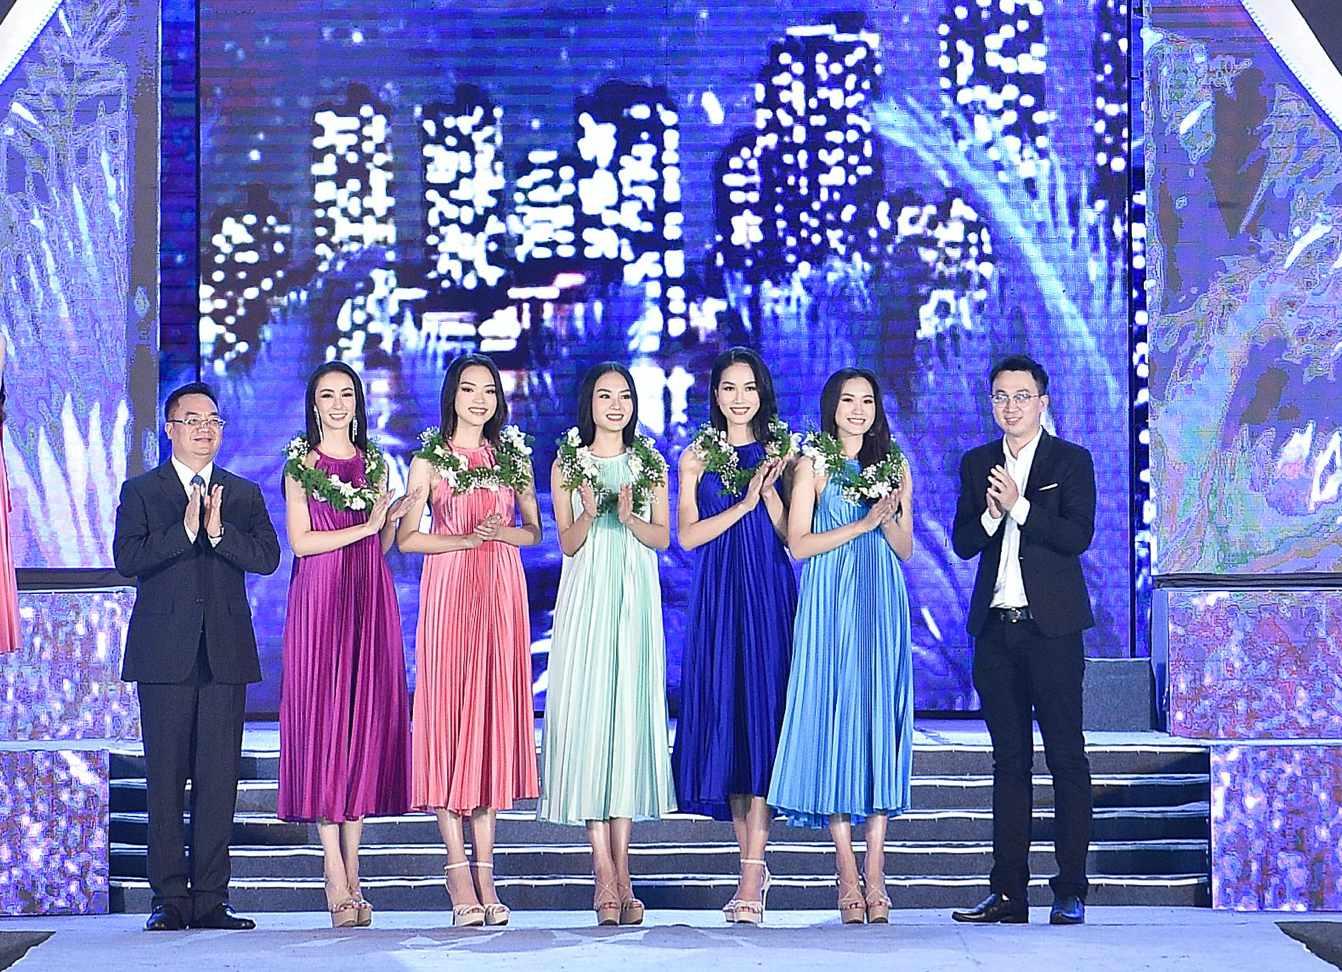 Cận cảnh top 35 Hoa hậu Việt Nam khoe body thật căng tràn với bikini - hình ảnh 2